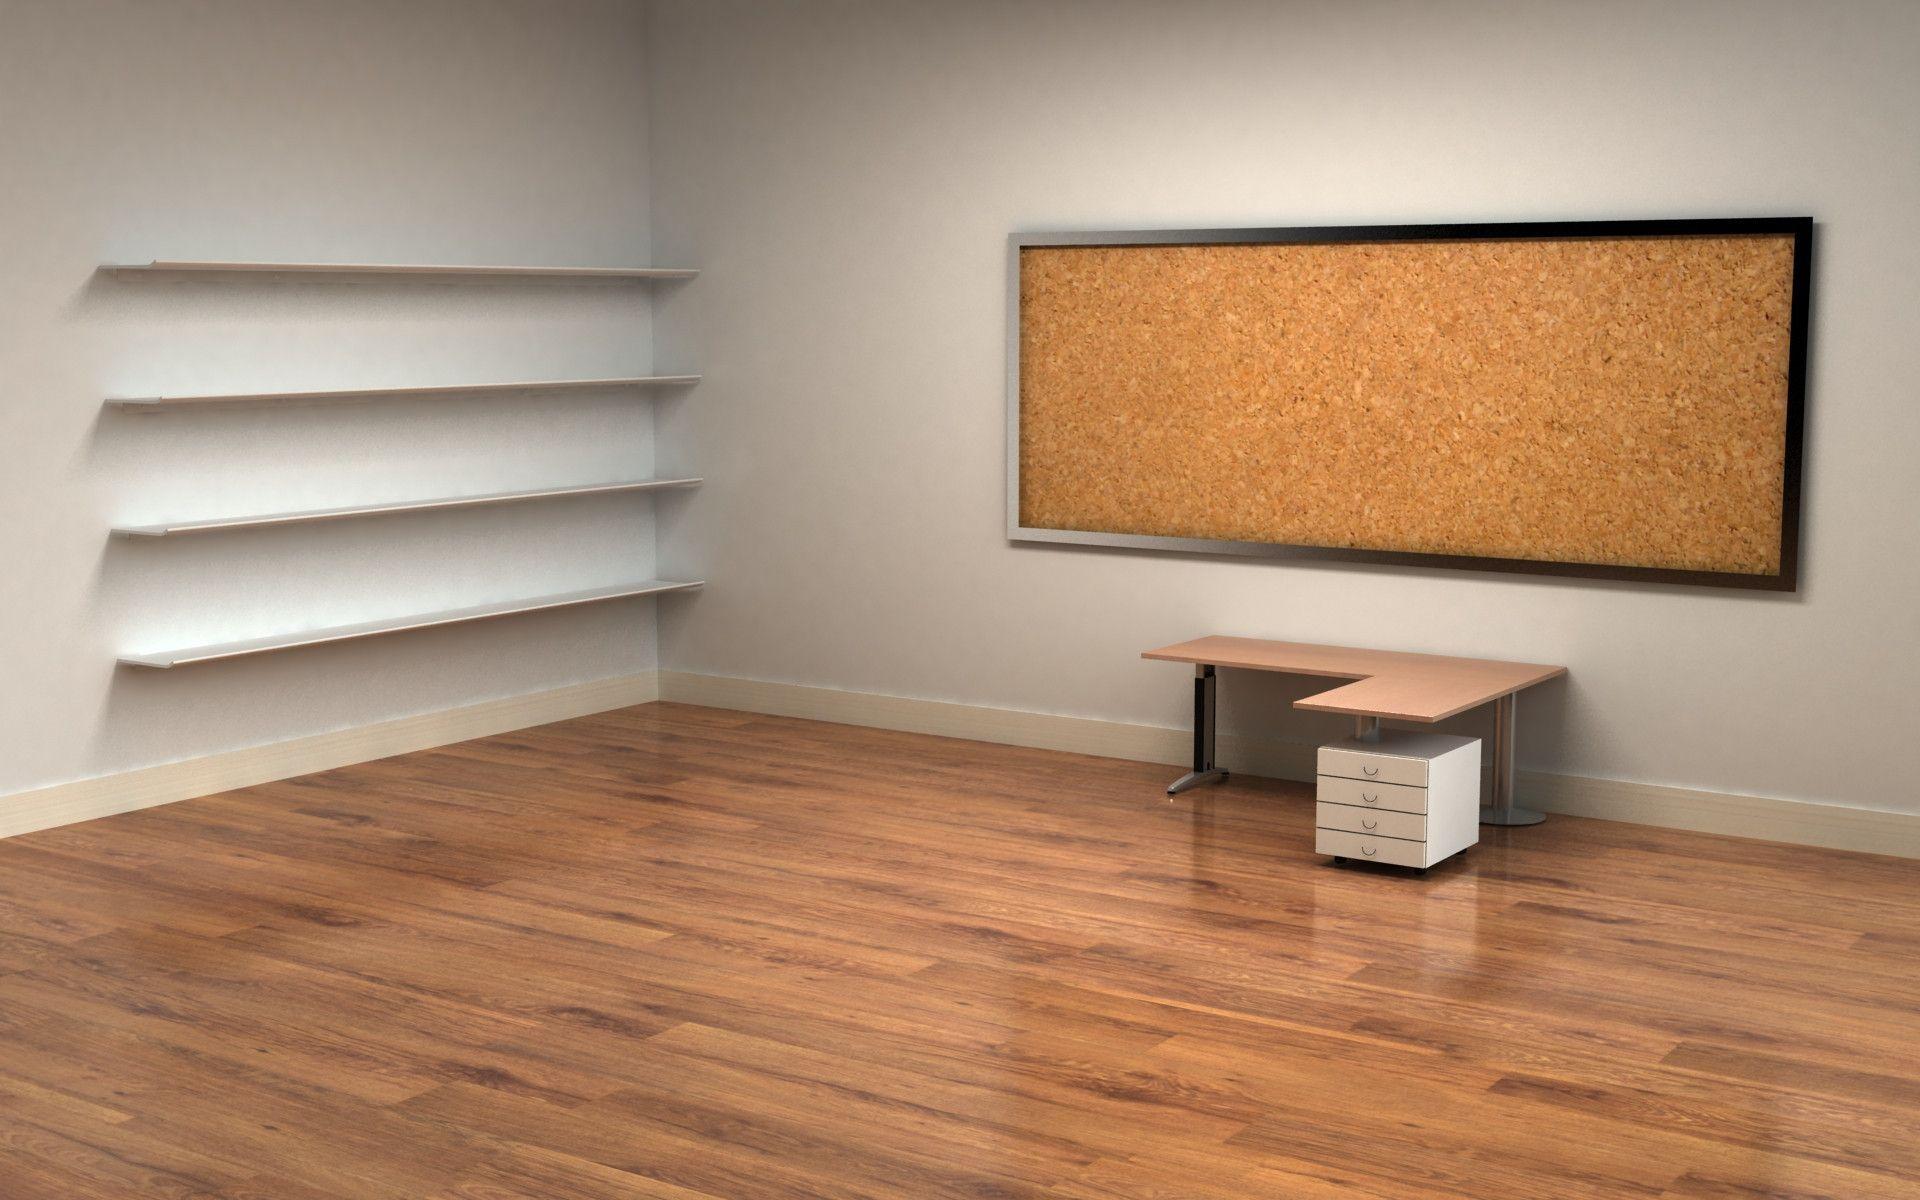 Office Wallpaper Hd Resolution Jnr Wallpaper Shelves 3d Desktop Wallpaper Desktop Wallpaper Organizer